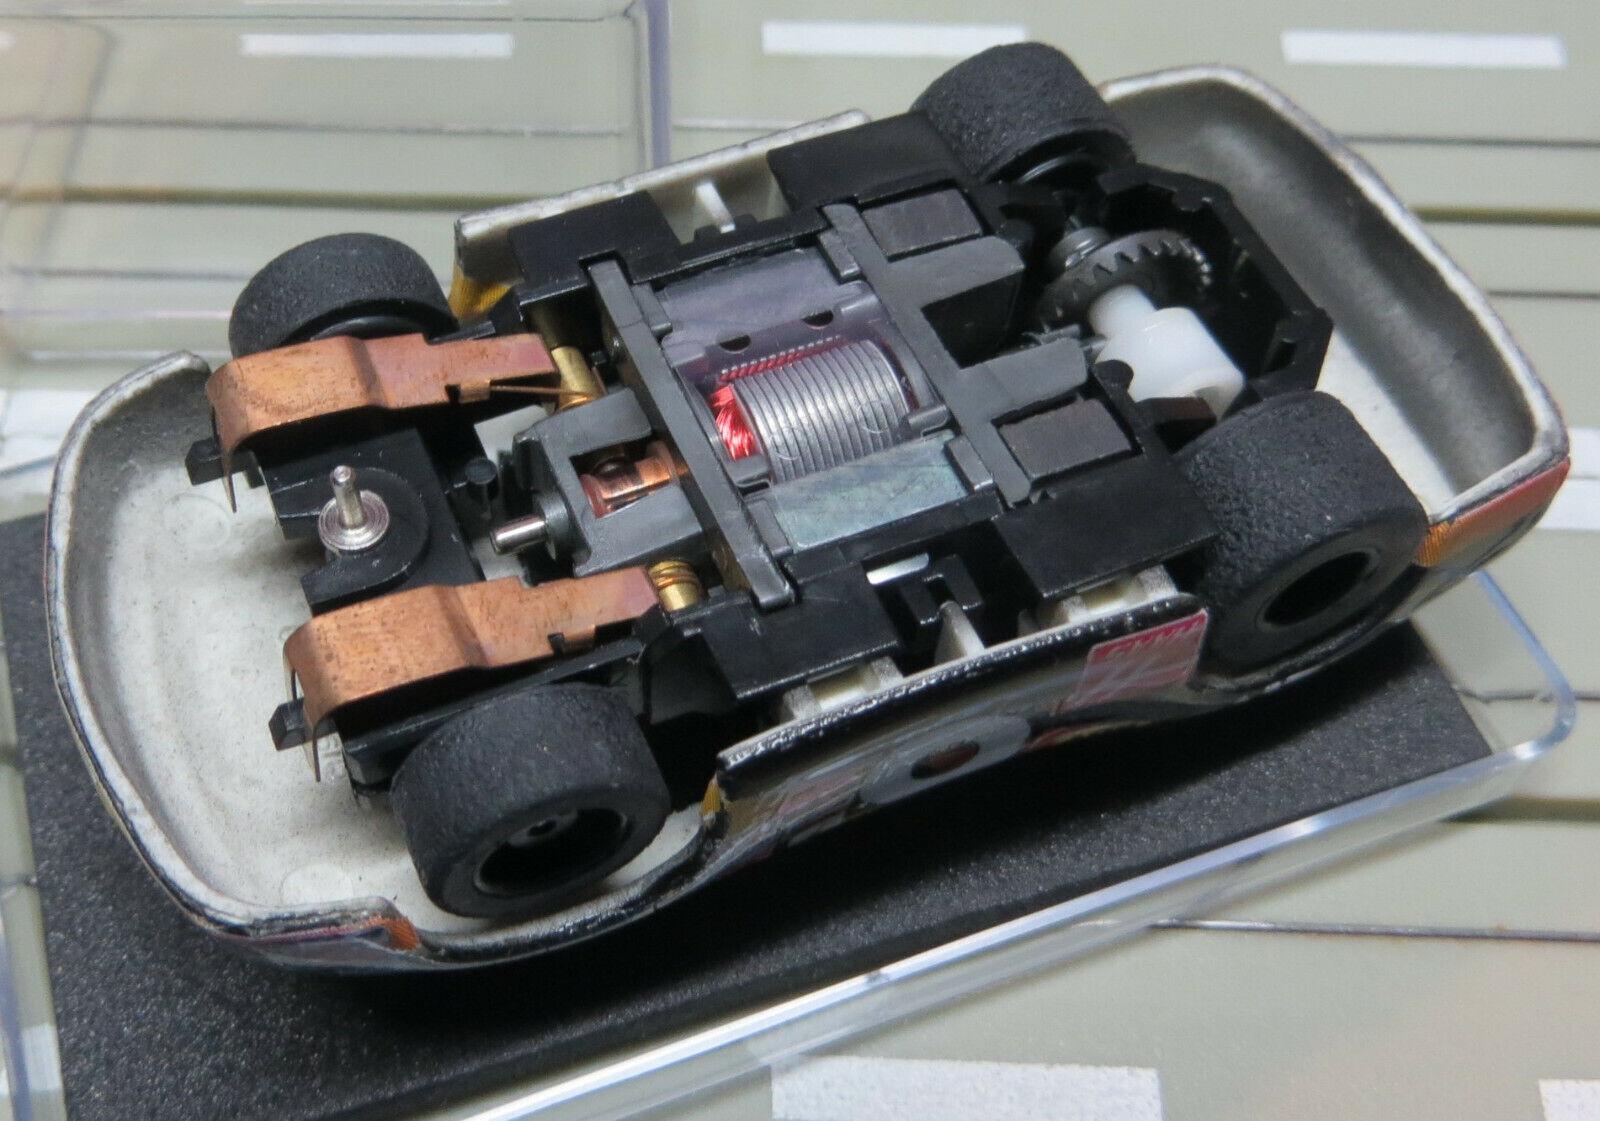 Per H0 Slotcar Racing Modellismo Ferroviario Nascar con Tyco Tyco Tyco Motore Motore Nella c727b1